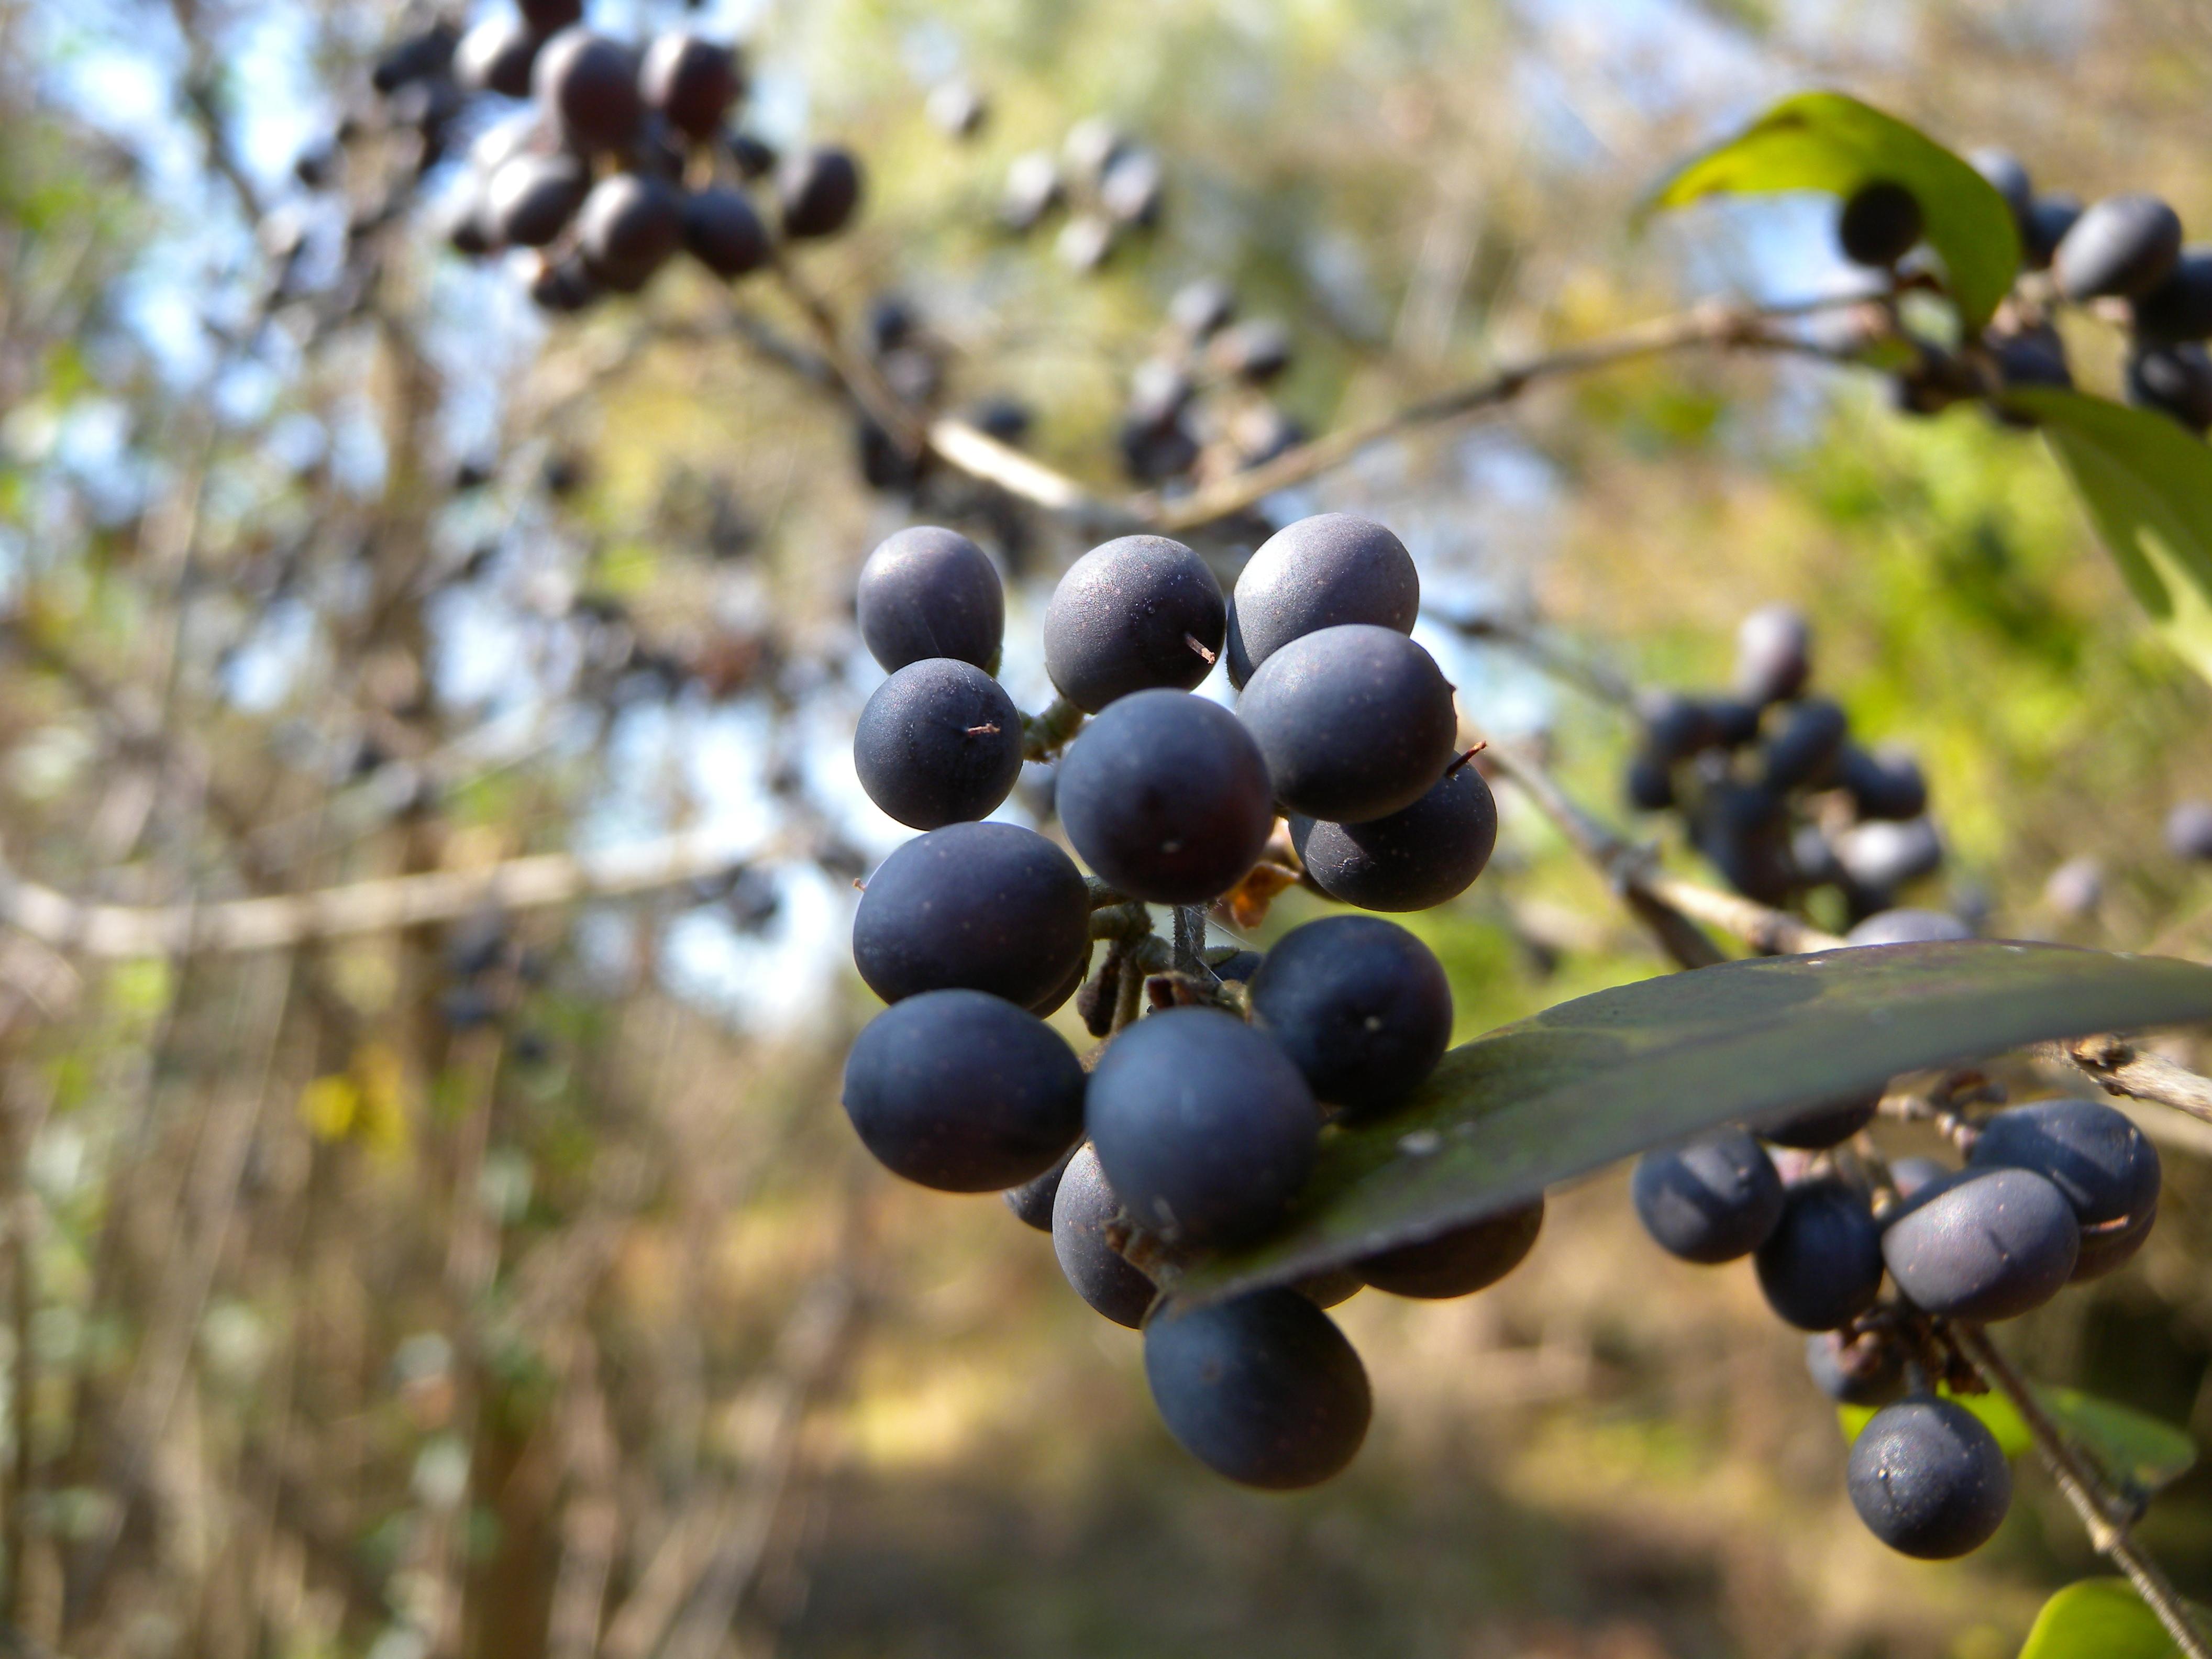 Privet berries in Early Successional Scrub Habitat.